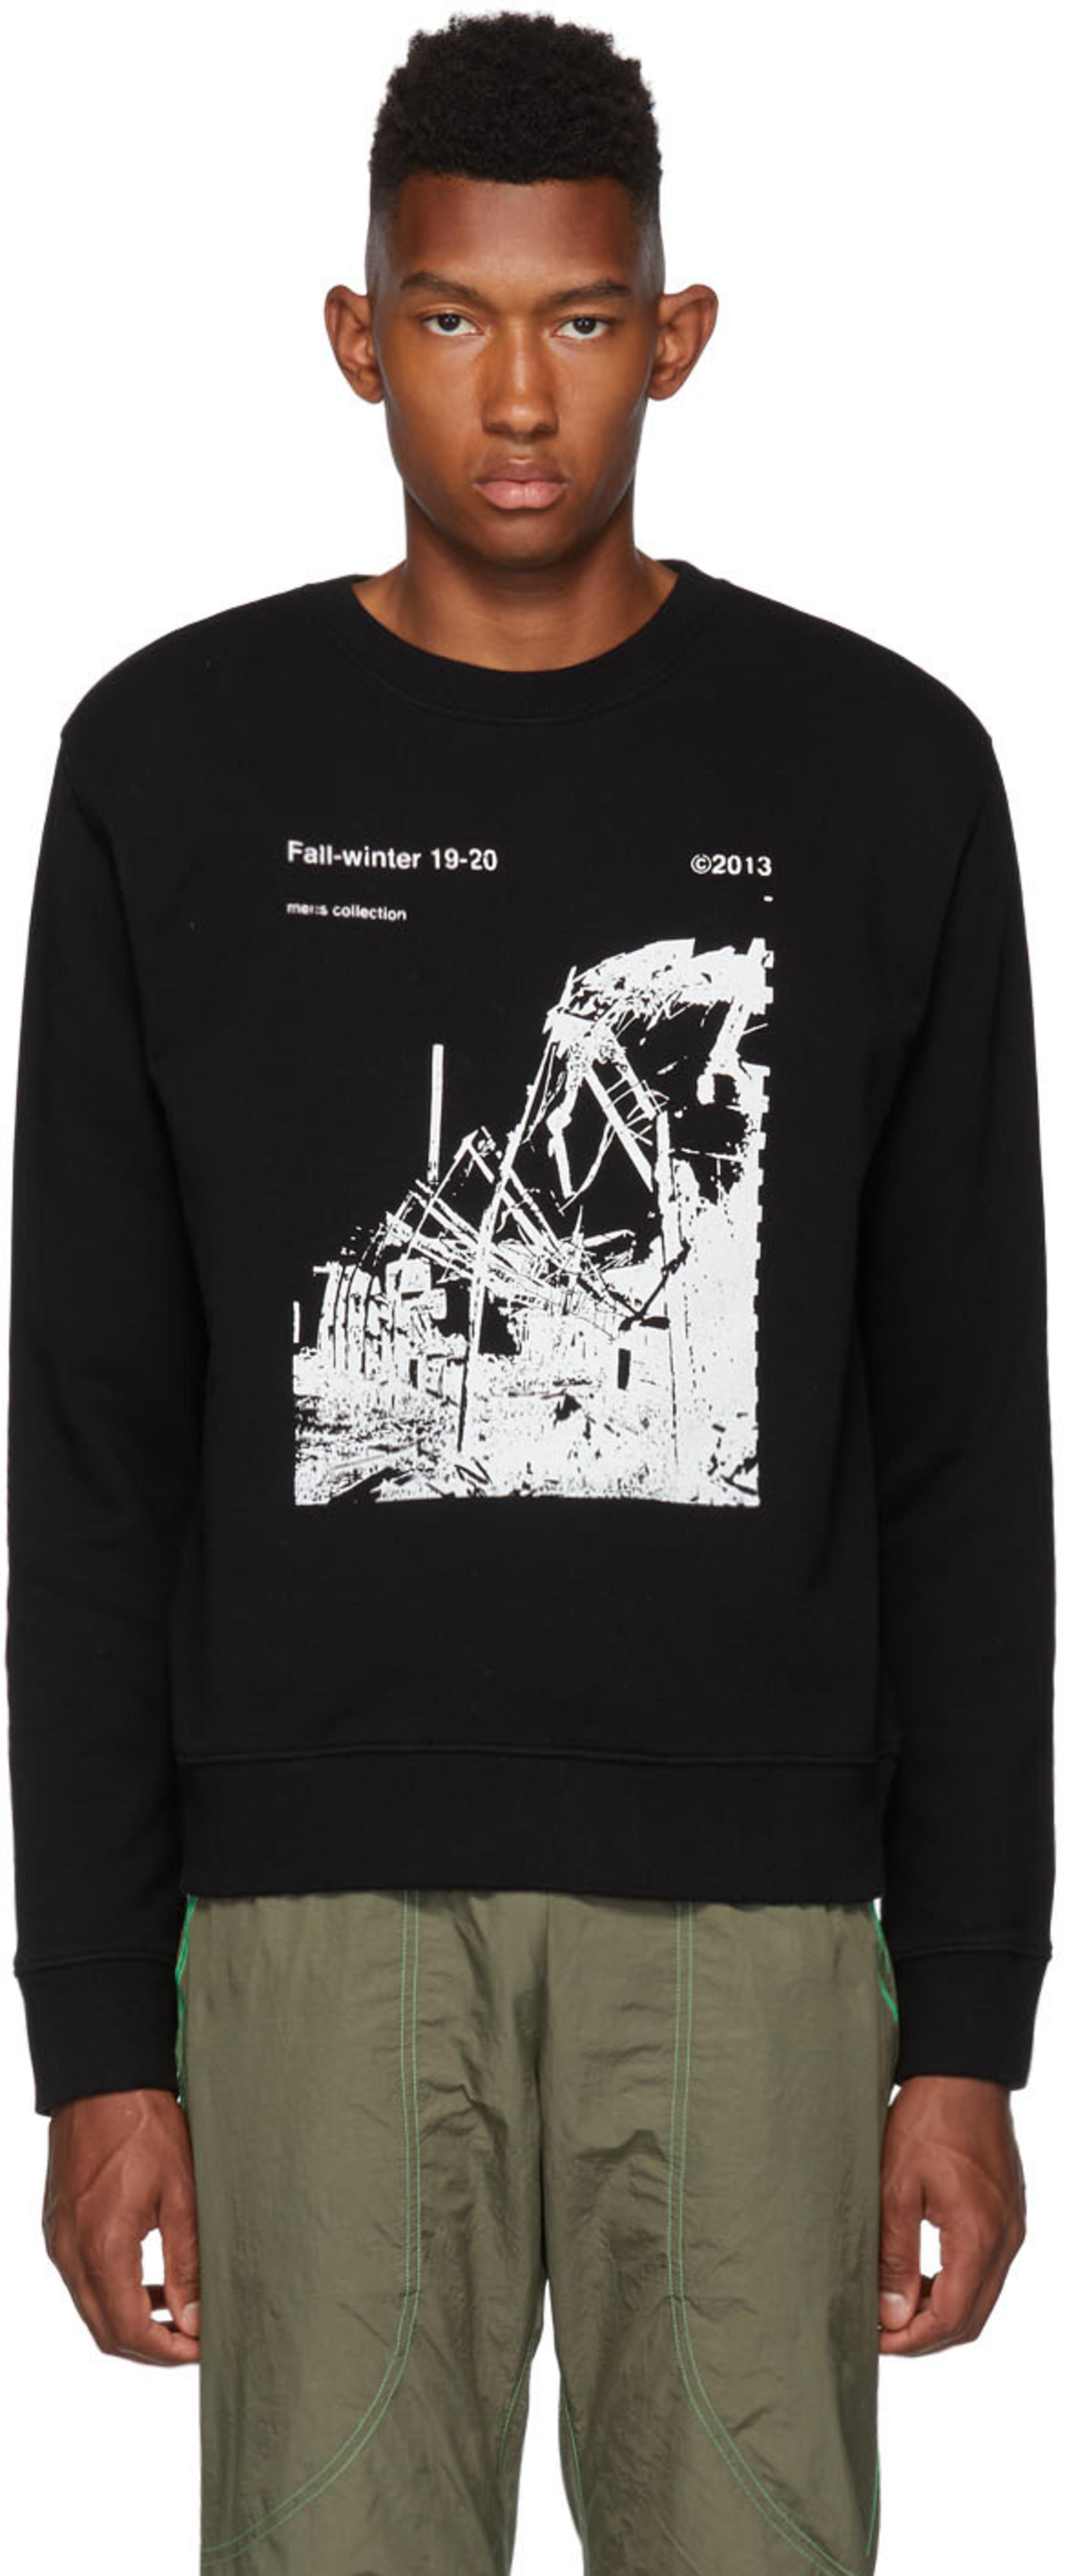 Black Slim Ruined Factory Sweatshirt